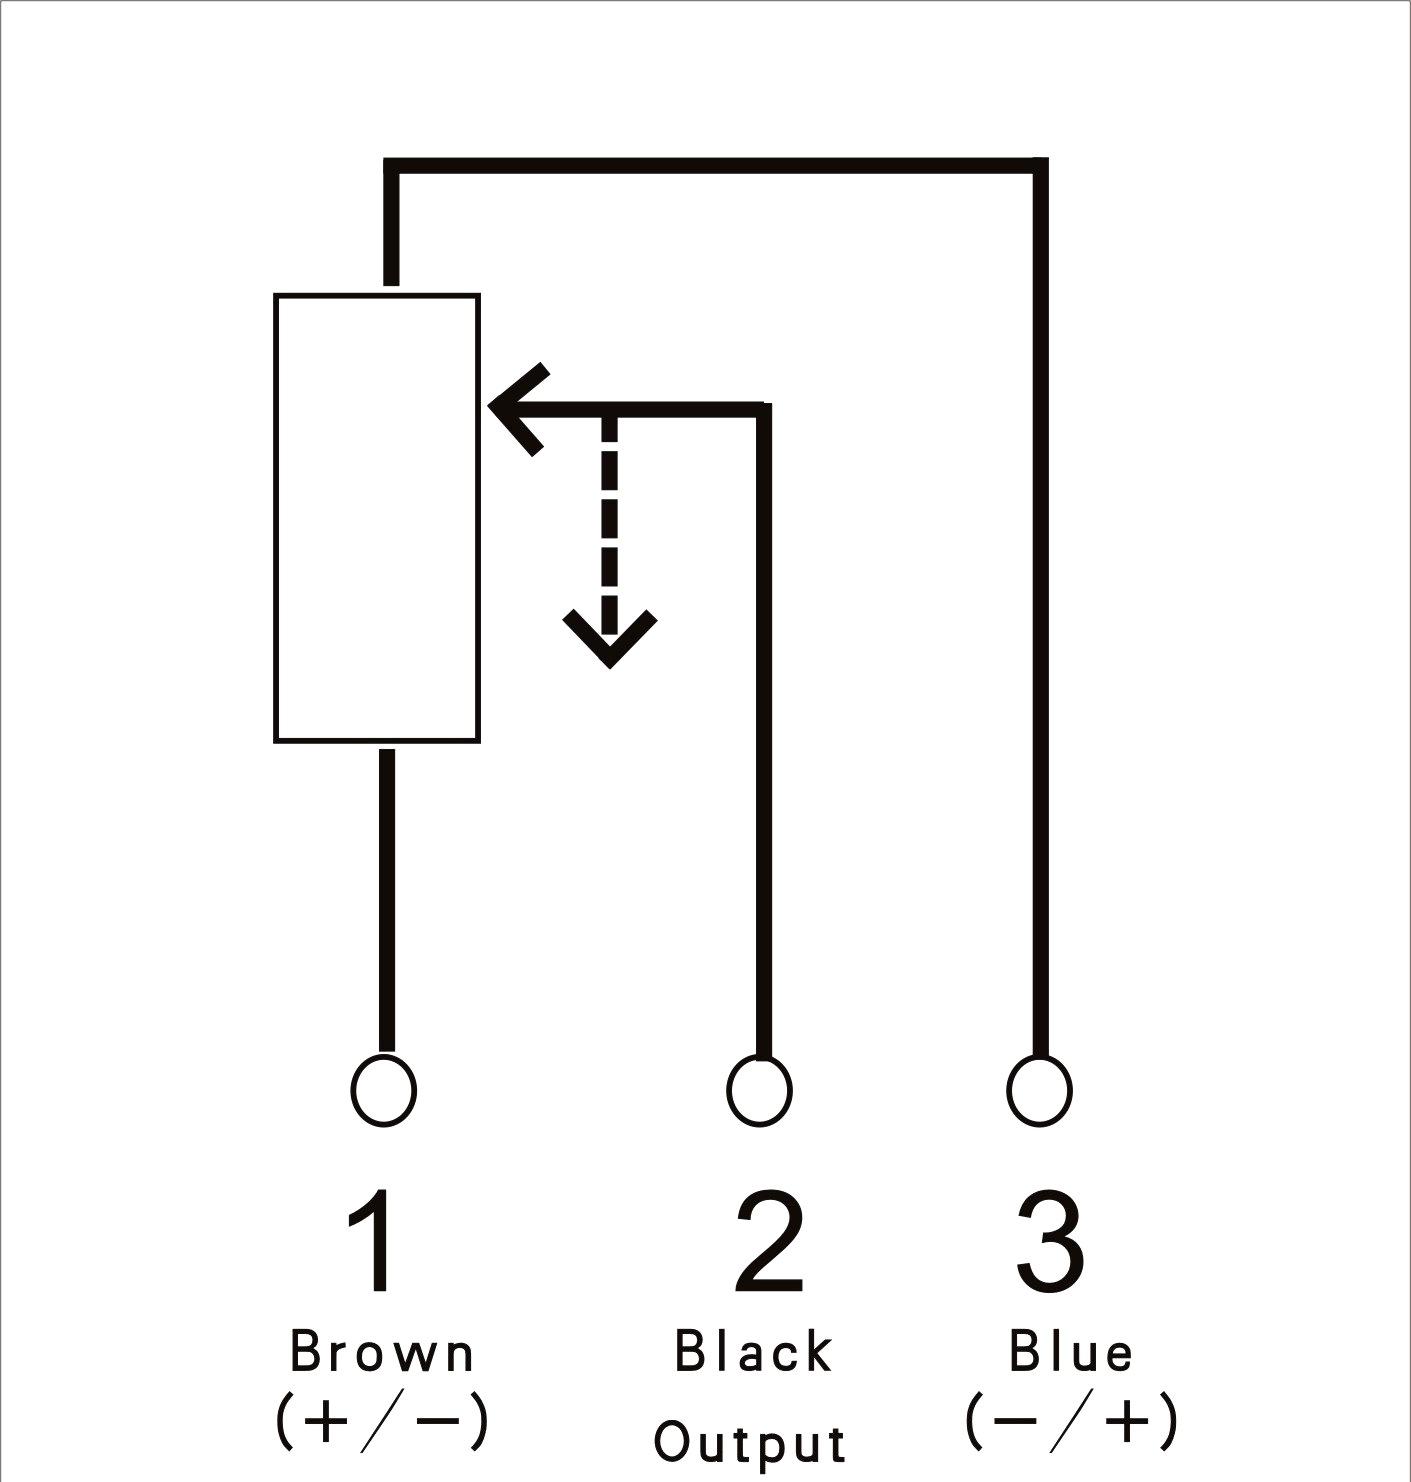 10K Potentiometer Wiring Diagram - Wiring Diagram Schema - Potentiometer Wiring Diagram